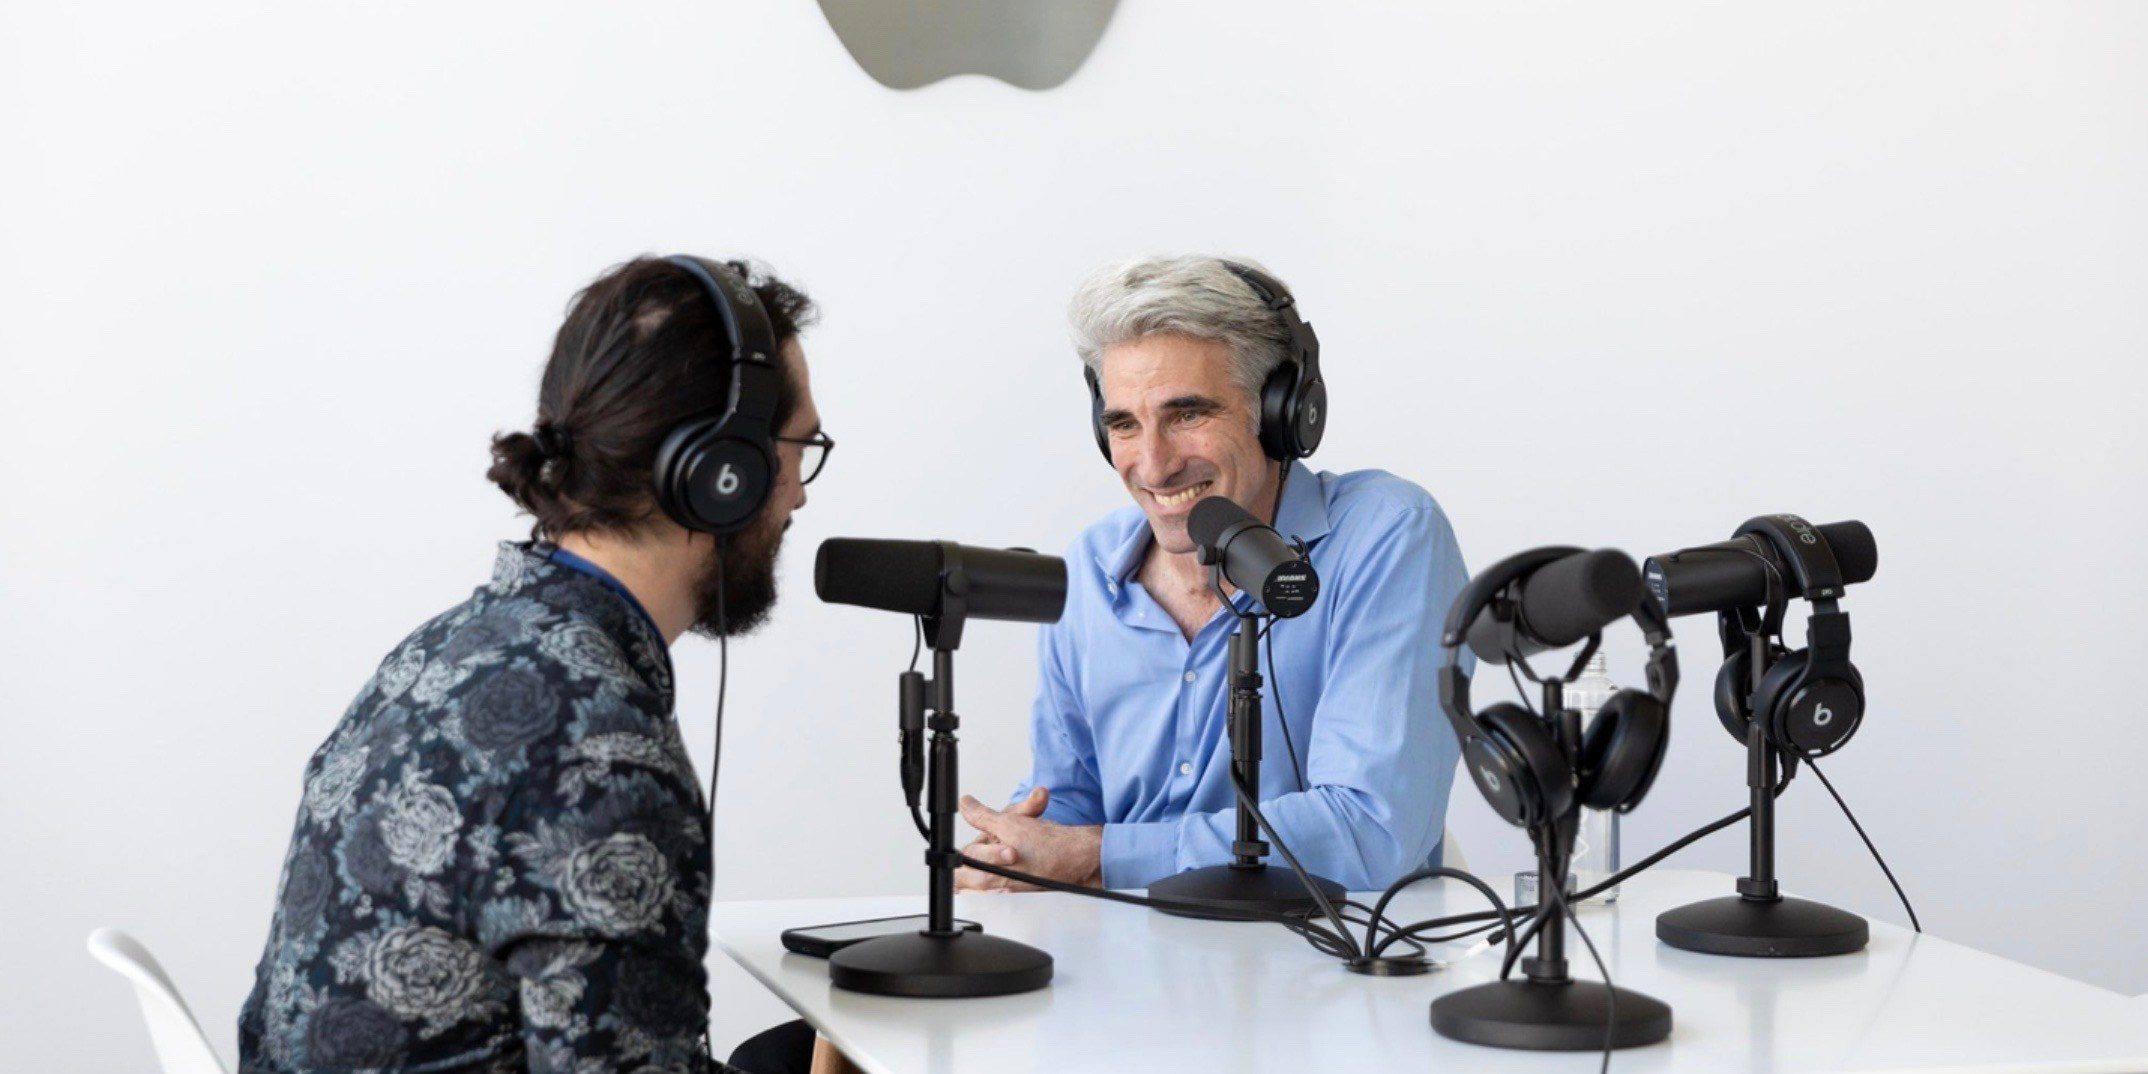 craig-federighi-interview